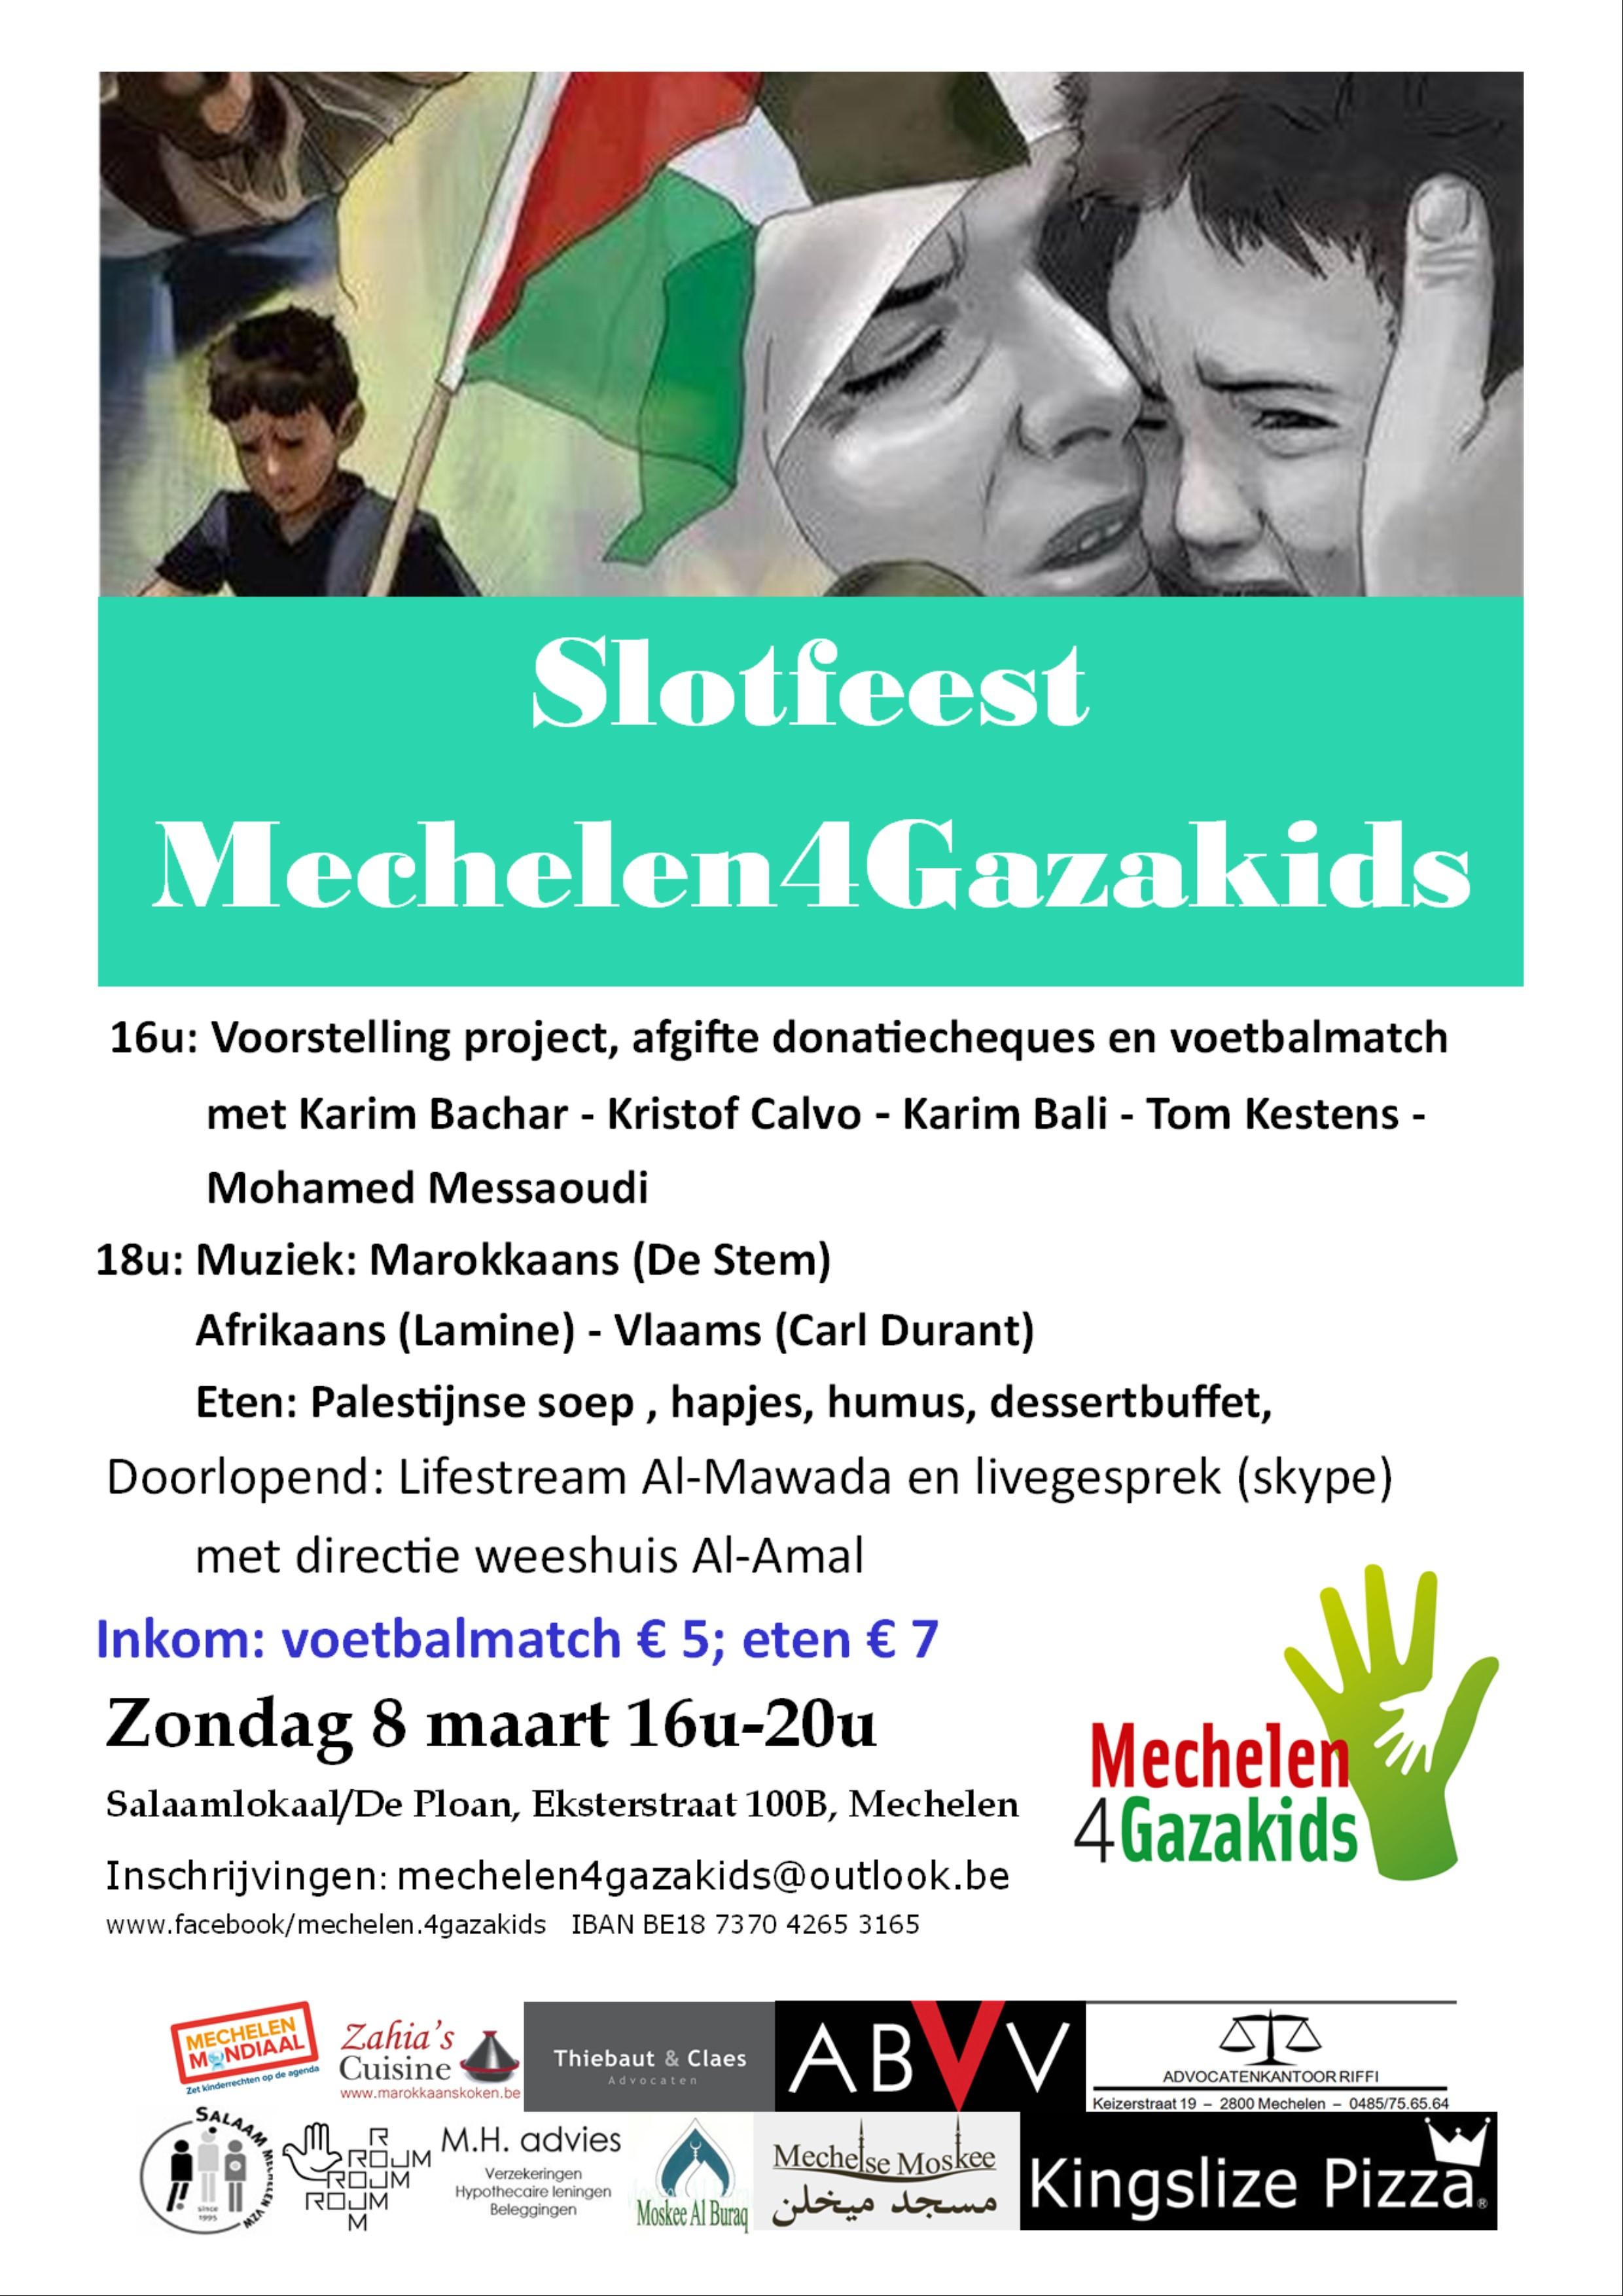 Mechelen4GazaKids